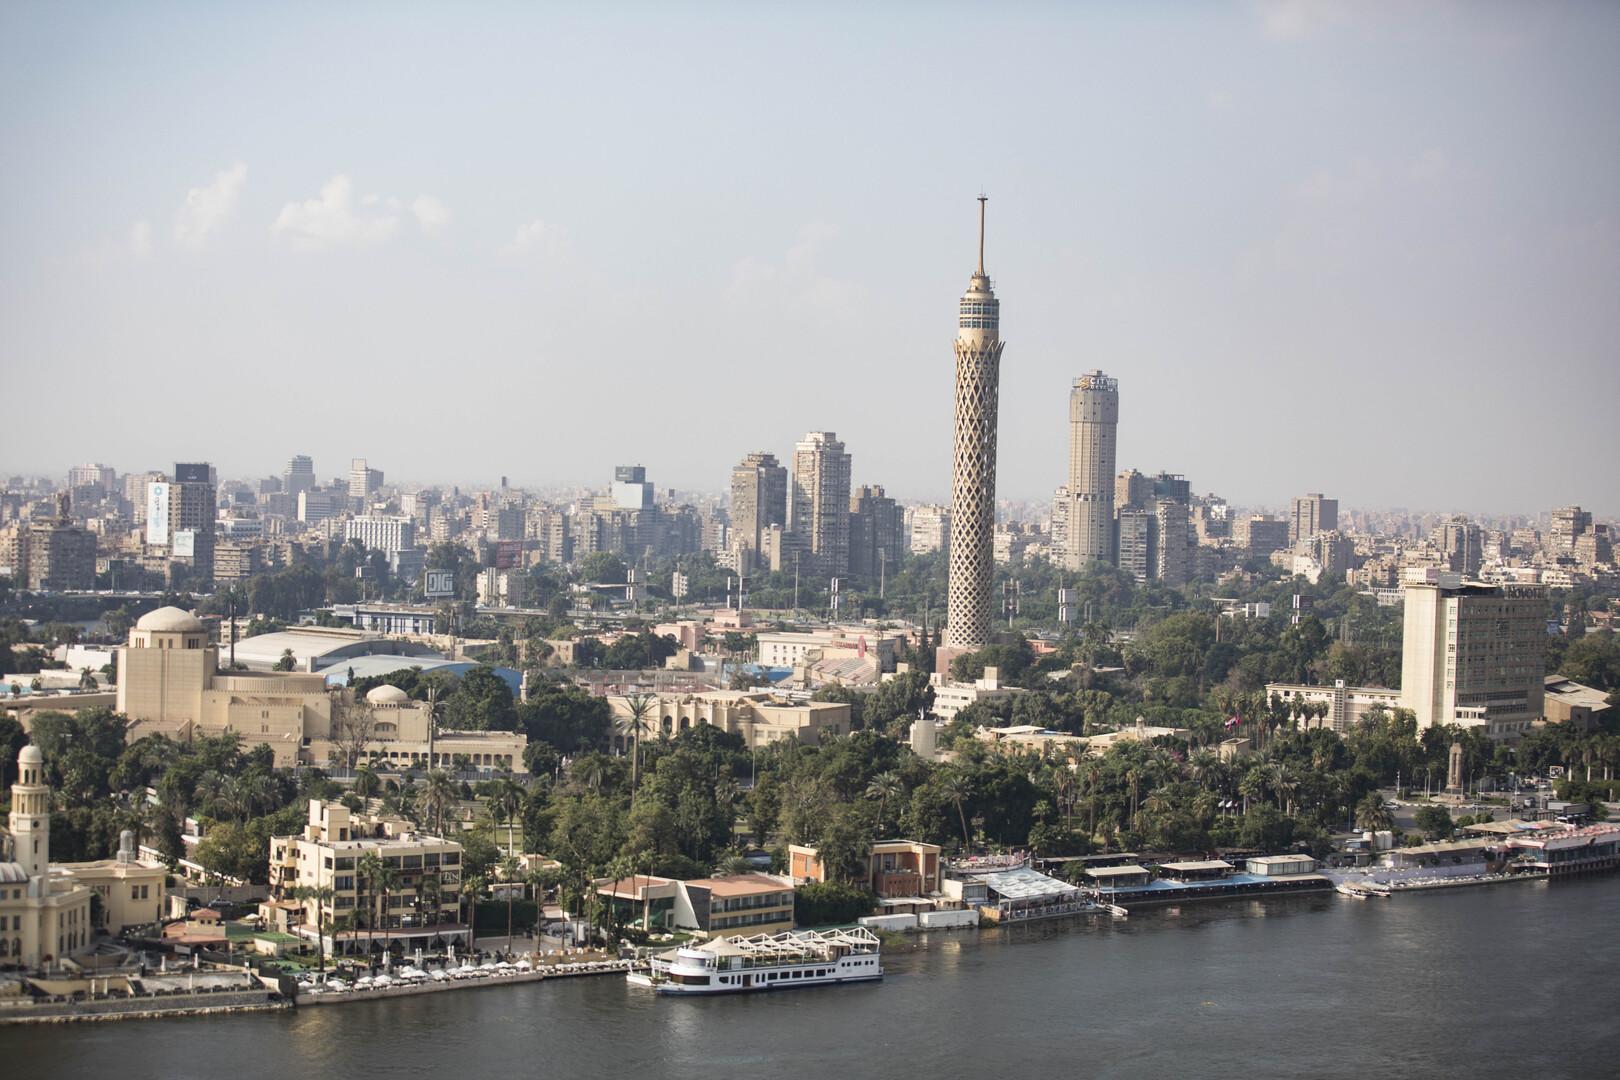 مصر.. لص يسرق مراوح مسجد في وضح النهار